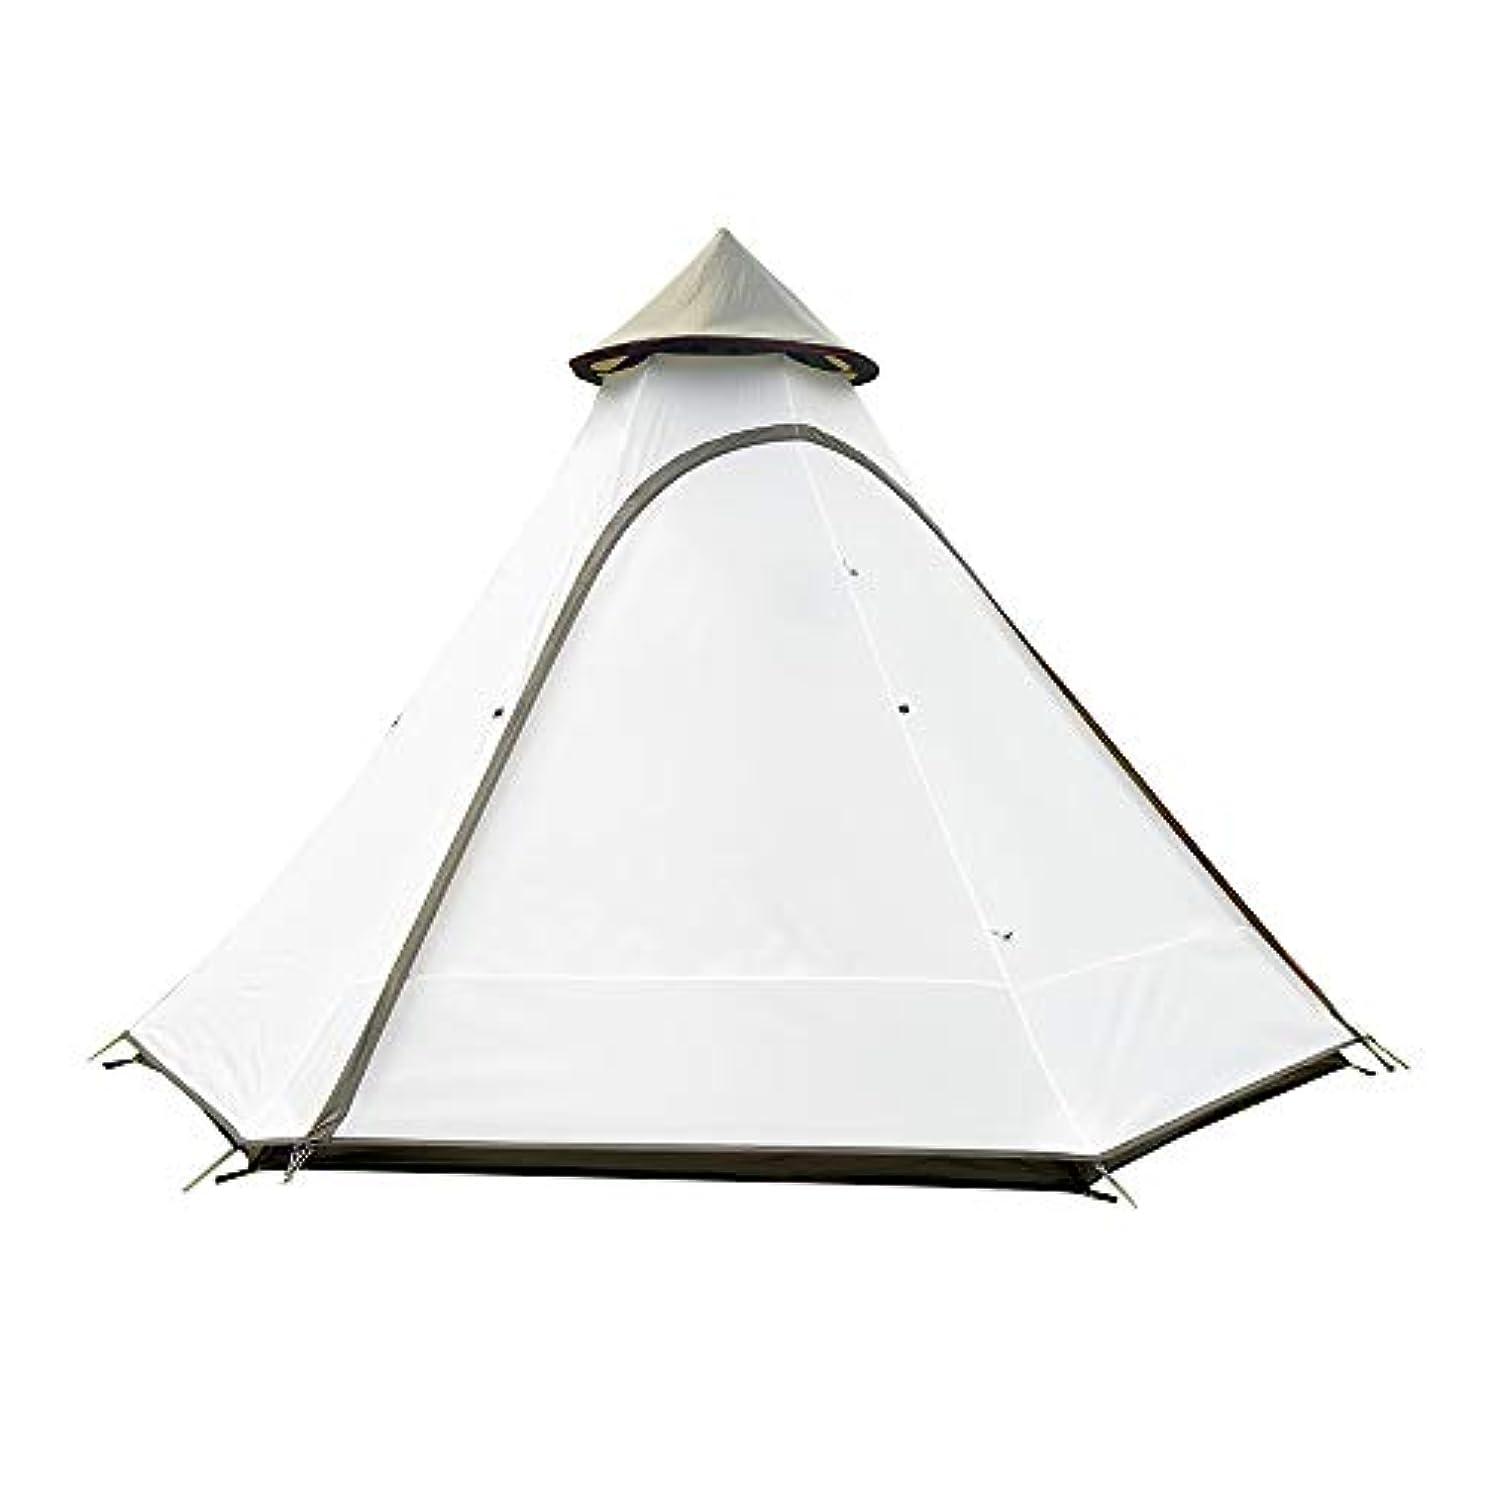 寛大な観光に行く毎週Vidalido Teepee インディアンワンポールテント 4人用収納コンパクト簡単設営